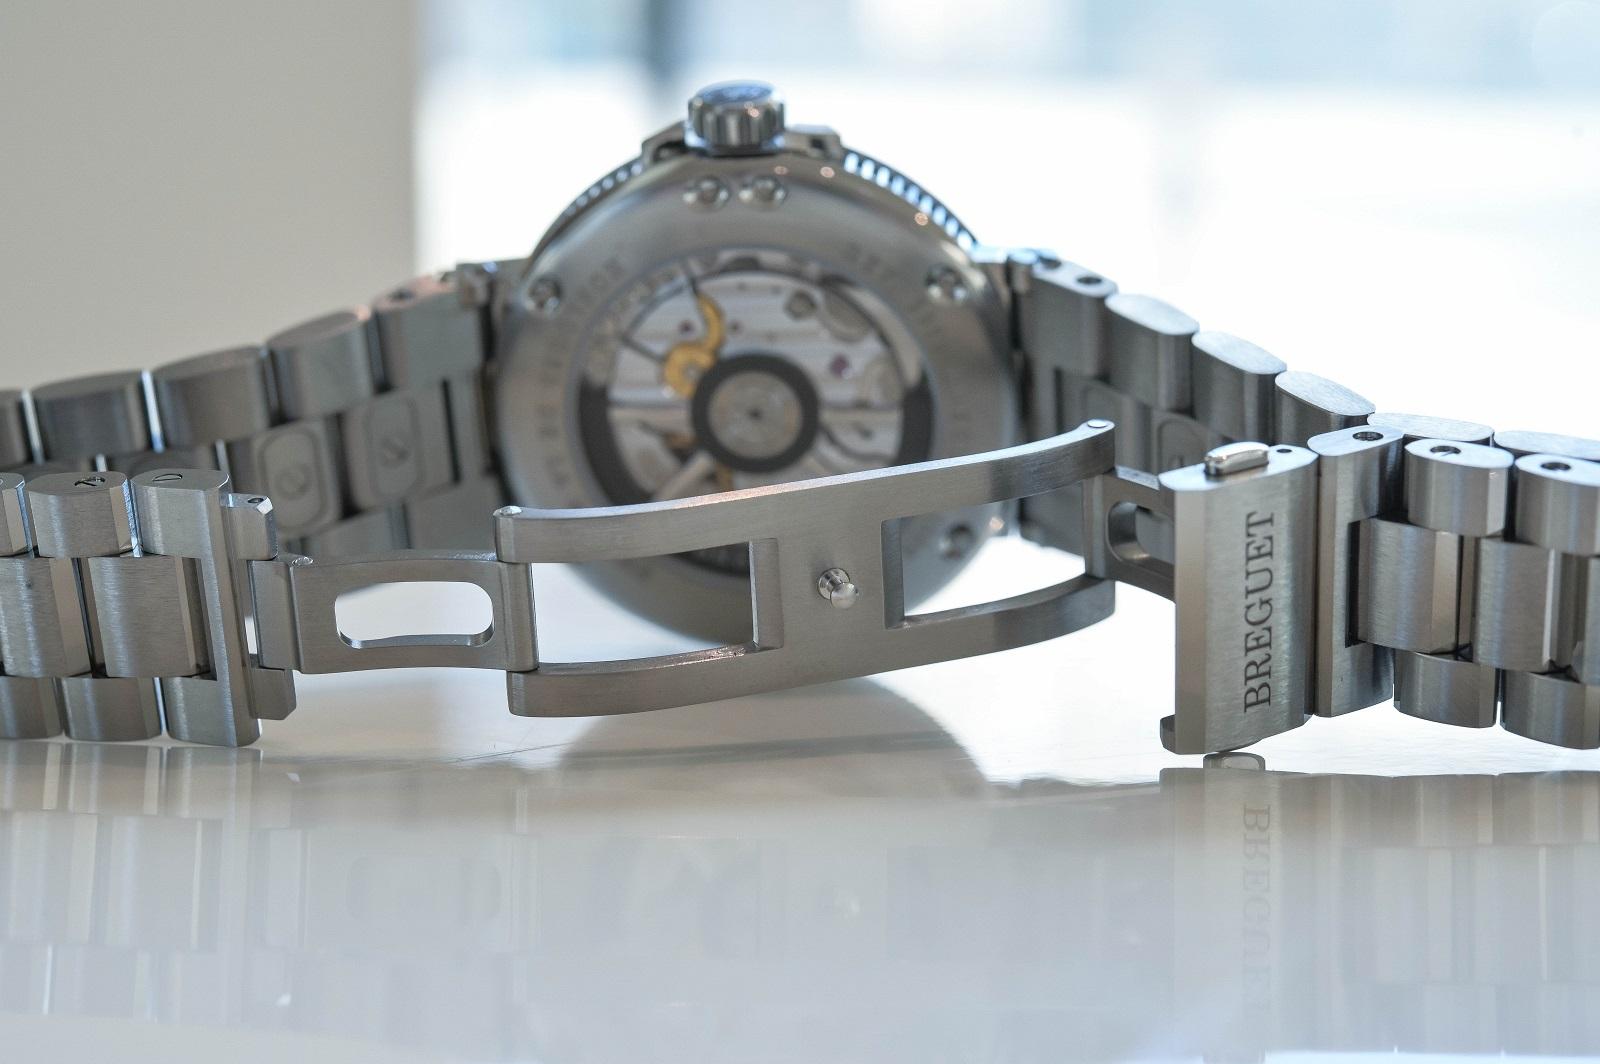 Breguet Marine Titanium bracelet